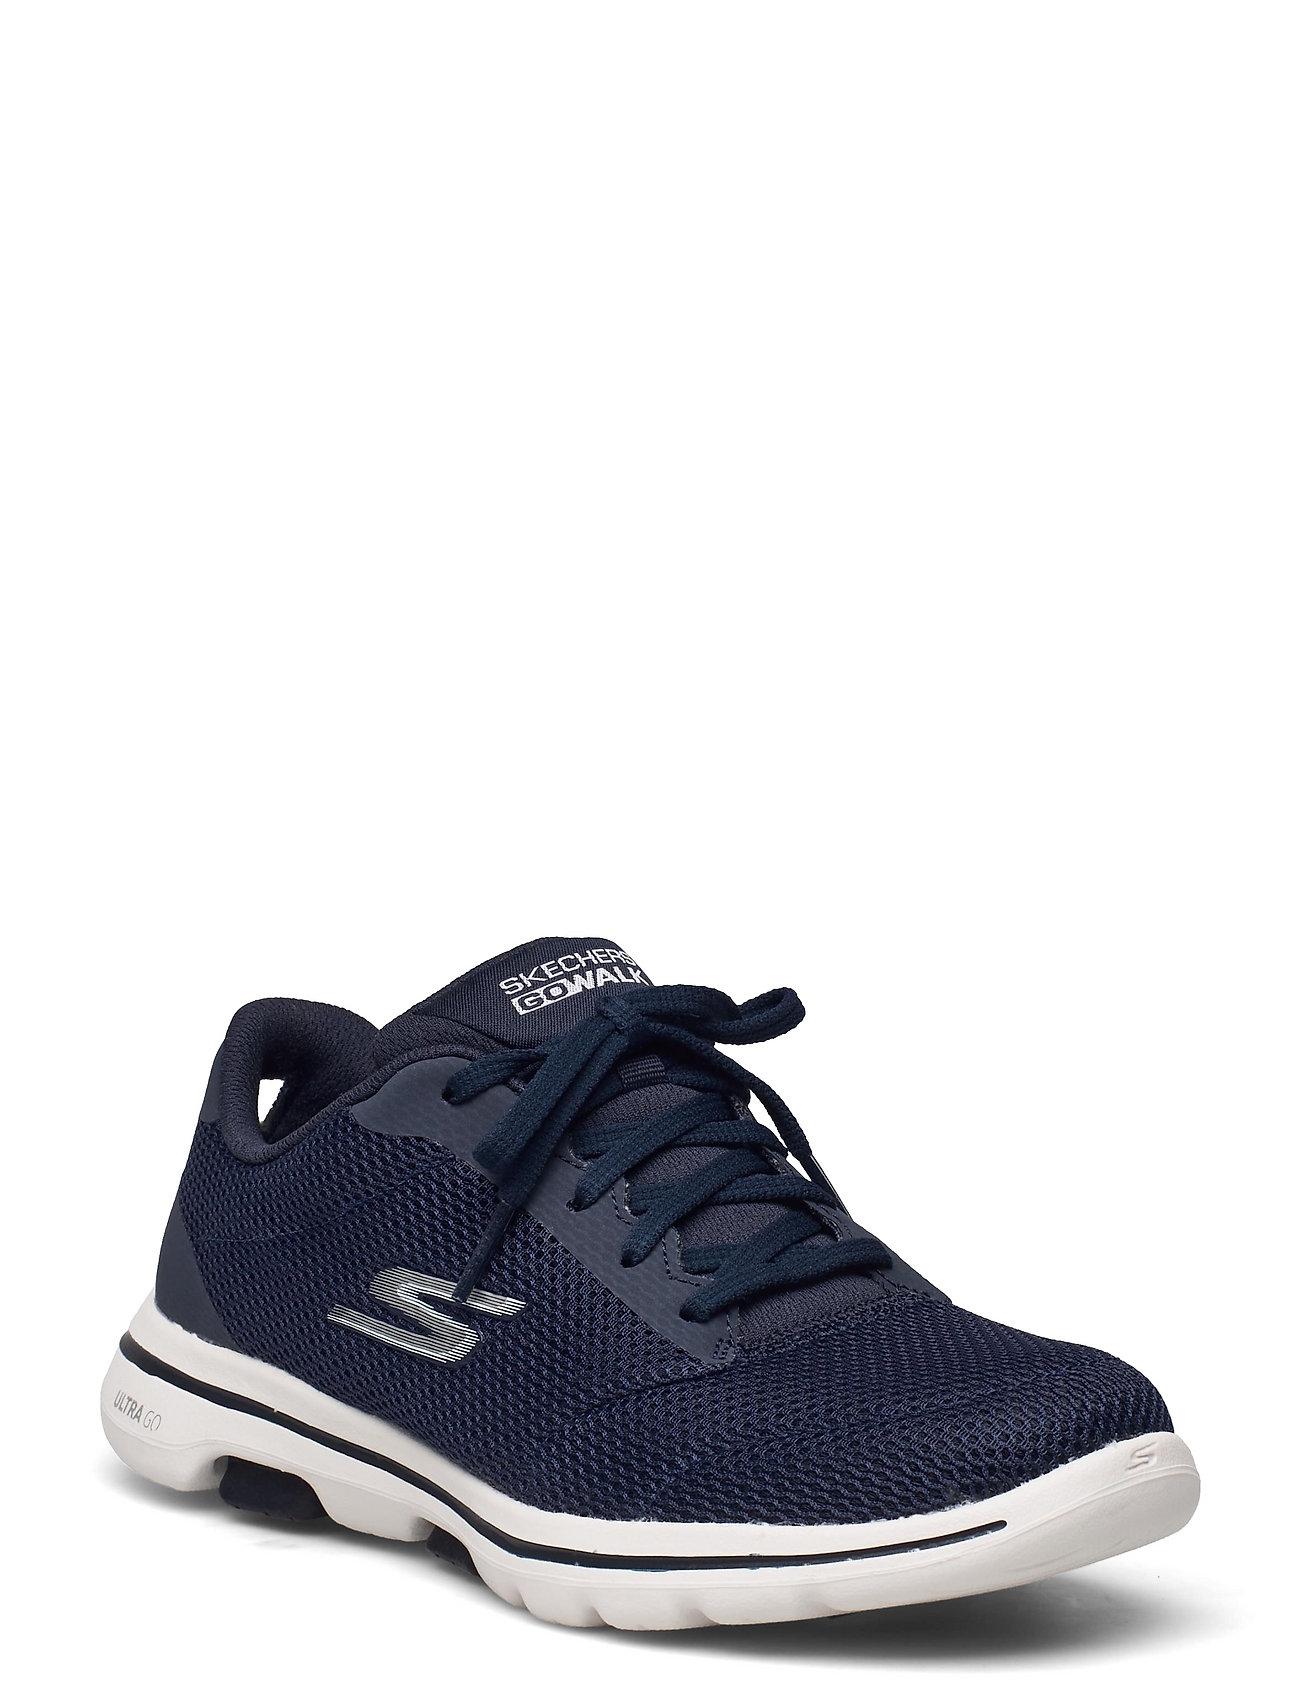 Womens Gowalk 5 - Lucky Low-top Sneakers Blå Skechers